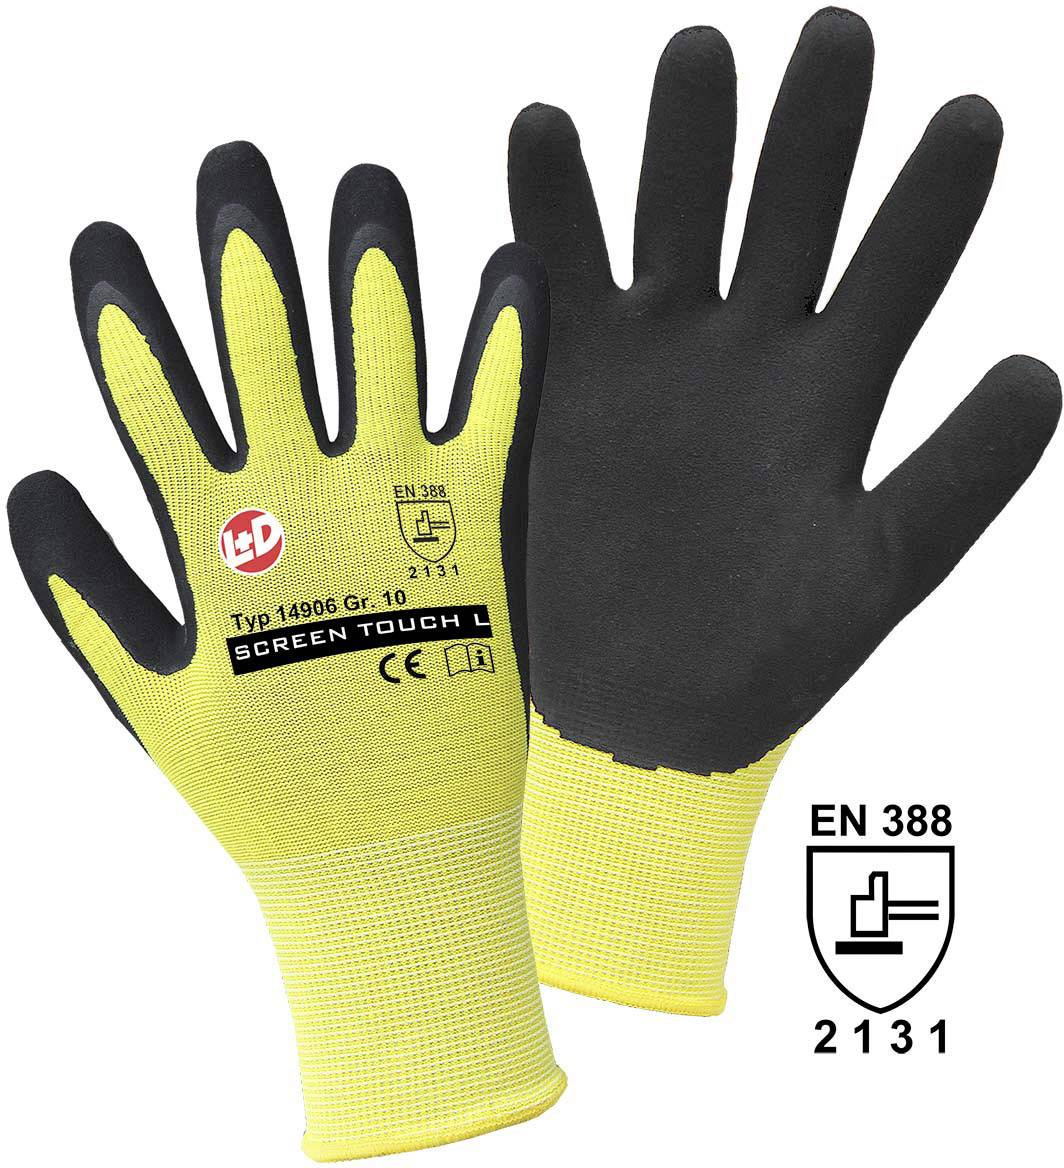 Pracovní rukavice Griffy SCREEN TOUCH L 14906, velikost rukavic: 8, M